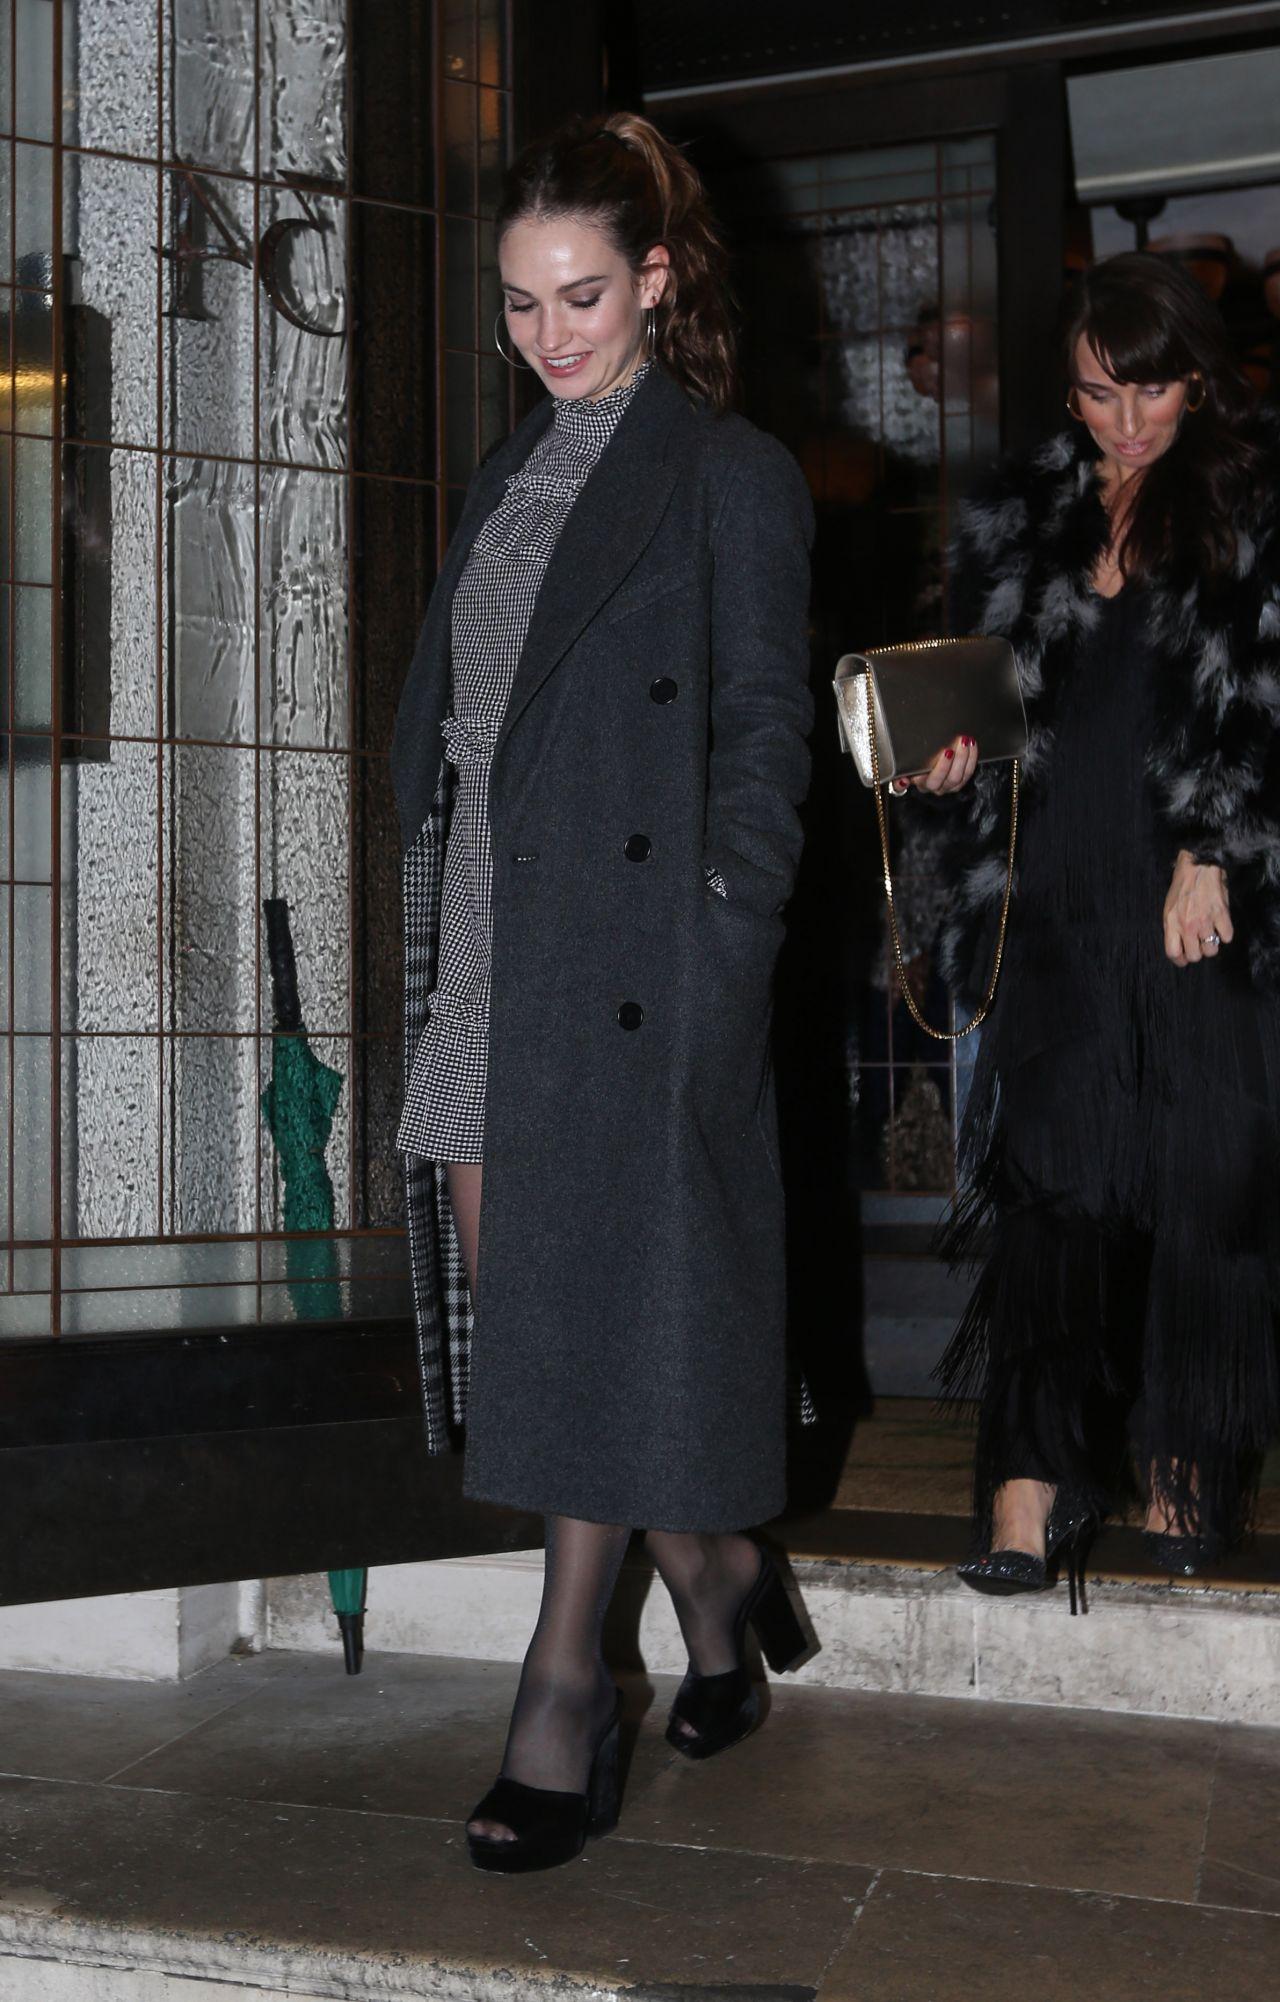 https://celebmafia.com/wp-content/uploads/2018/10/lily-james-leaving-the-restaurant-34-mayfair-in-london-10-27-2018-0.jpg